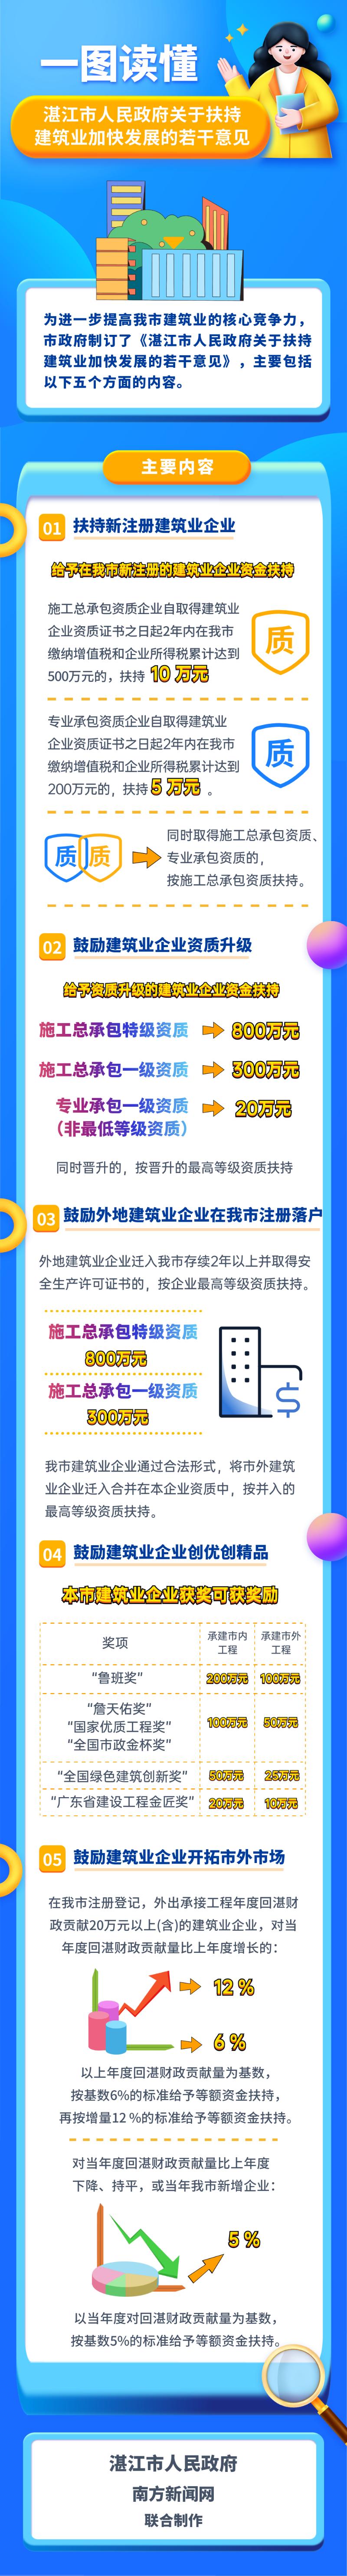 扶持建筑业 (2).png